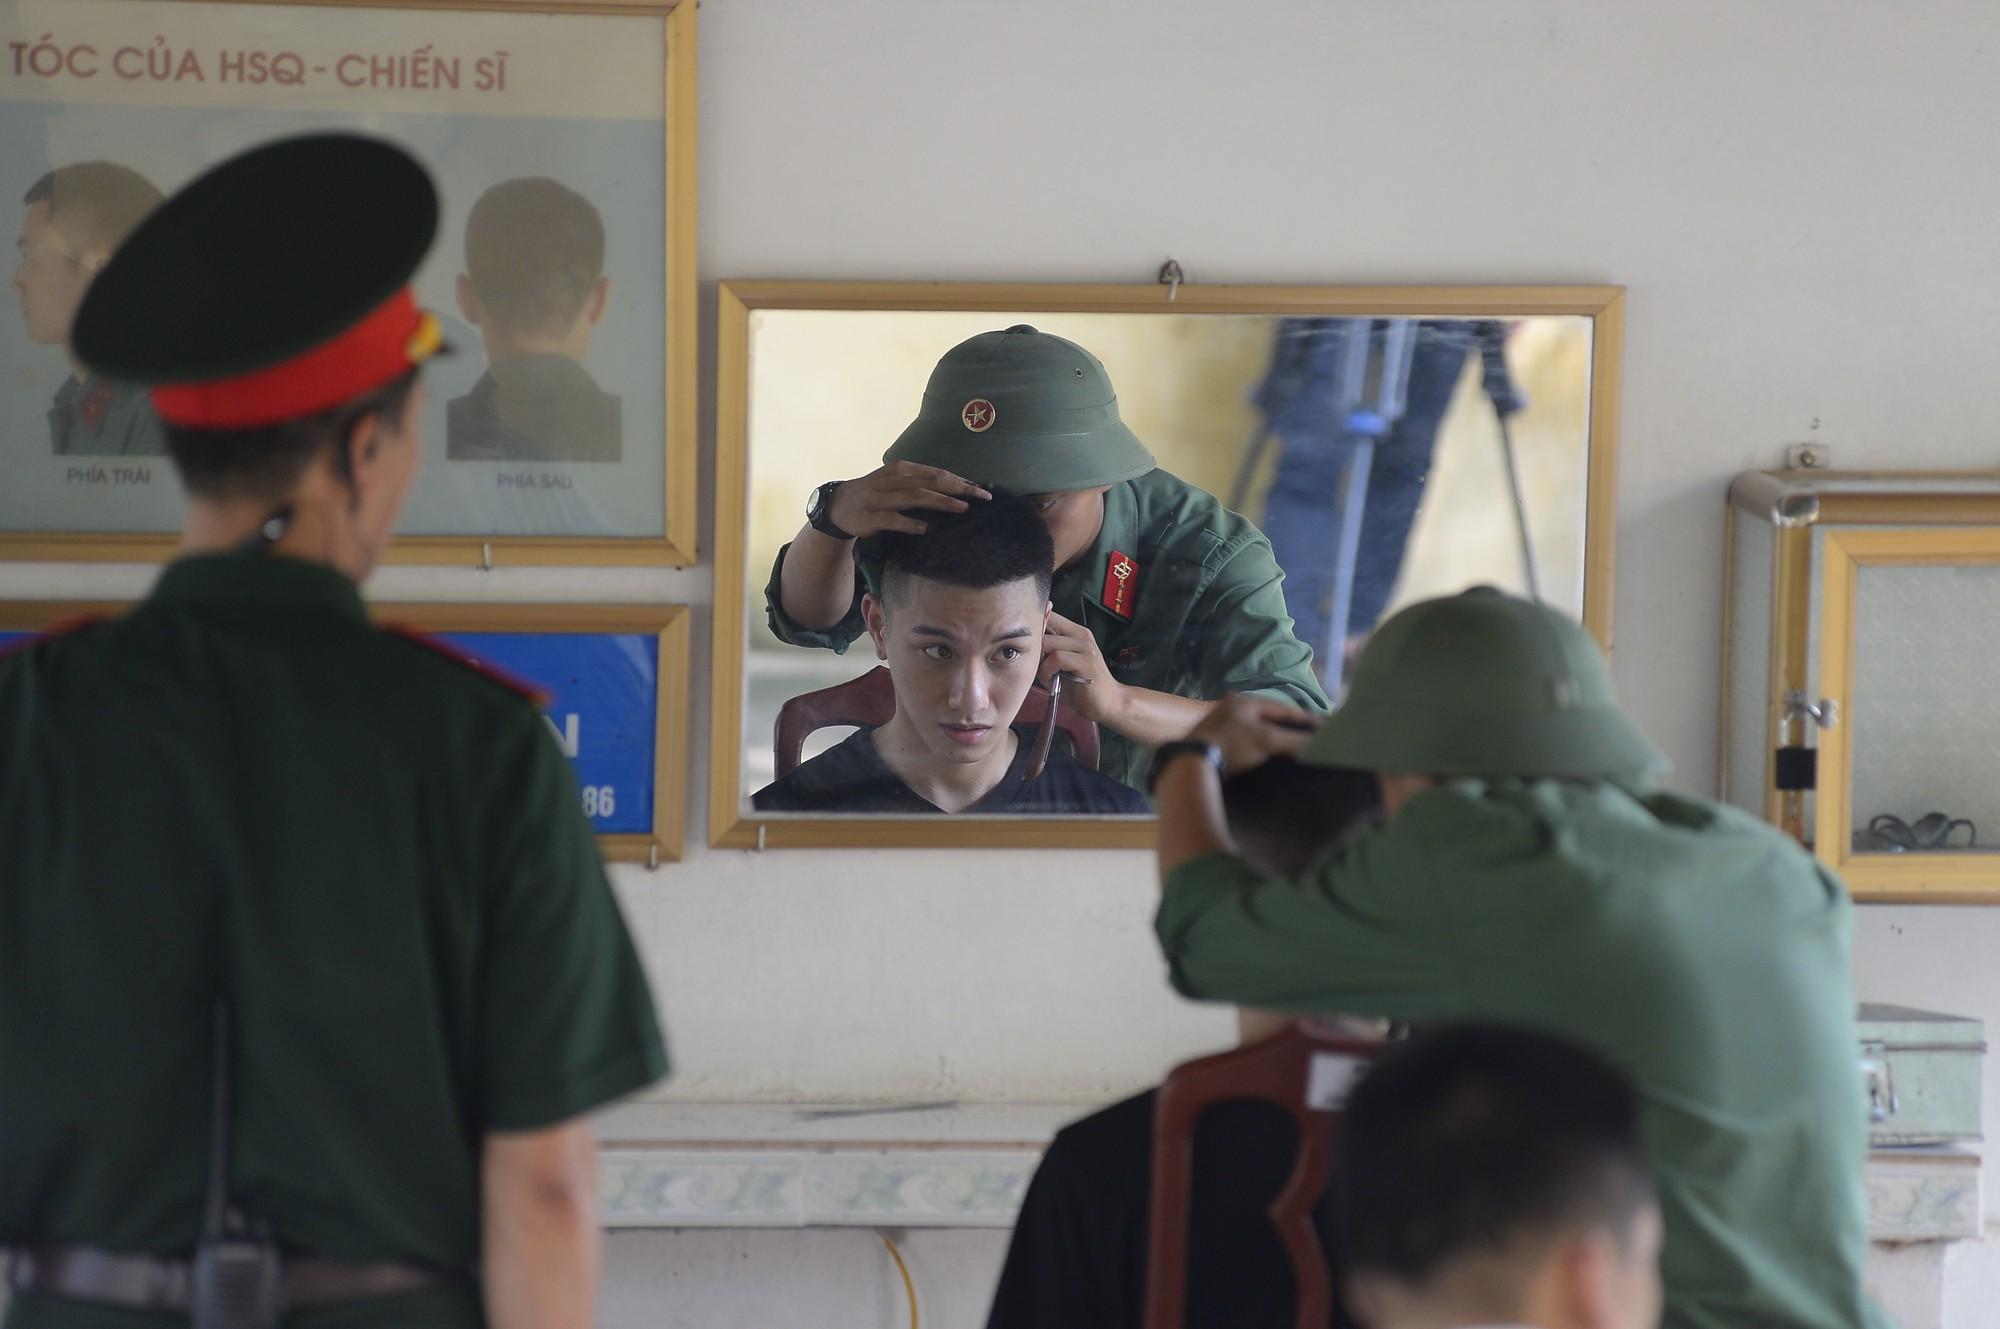 Mr. Cần Trô Xuân Nghị tham gia Sao Nhập Ngũ cùng Đại Nhân, Đăng Dũng- Ảnh 2.